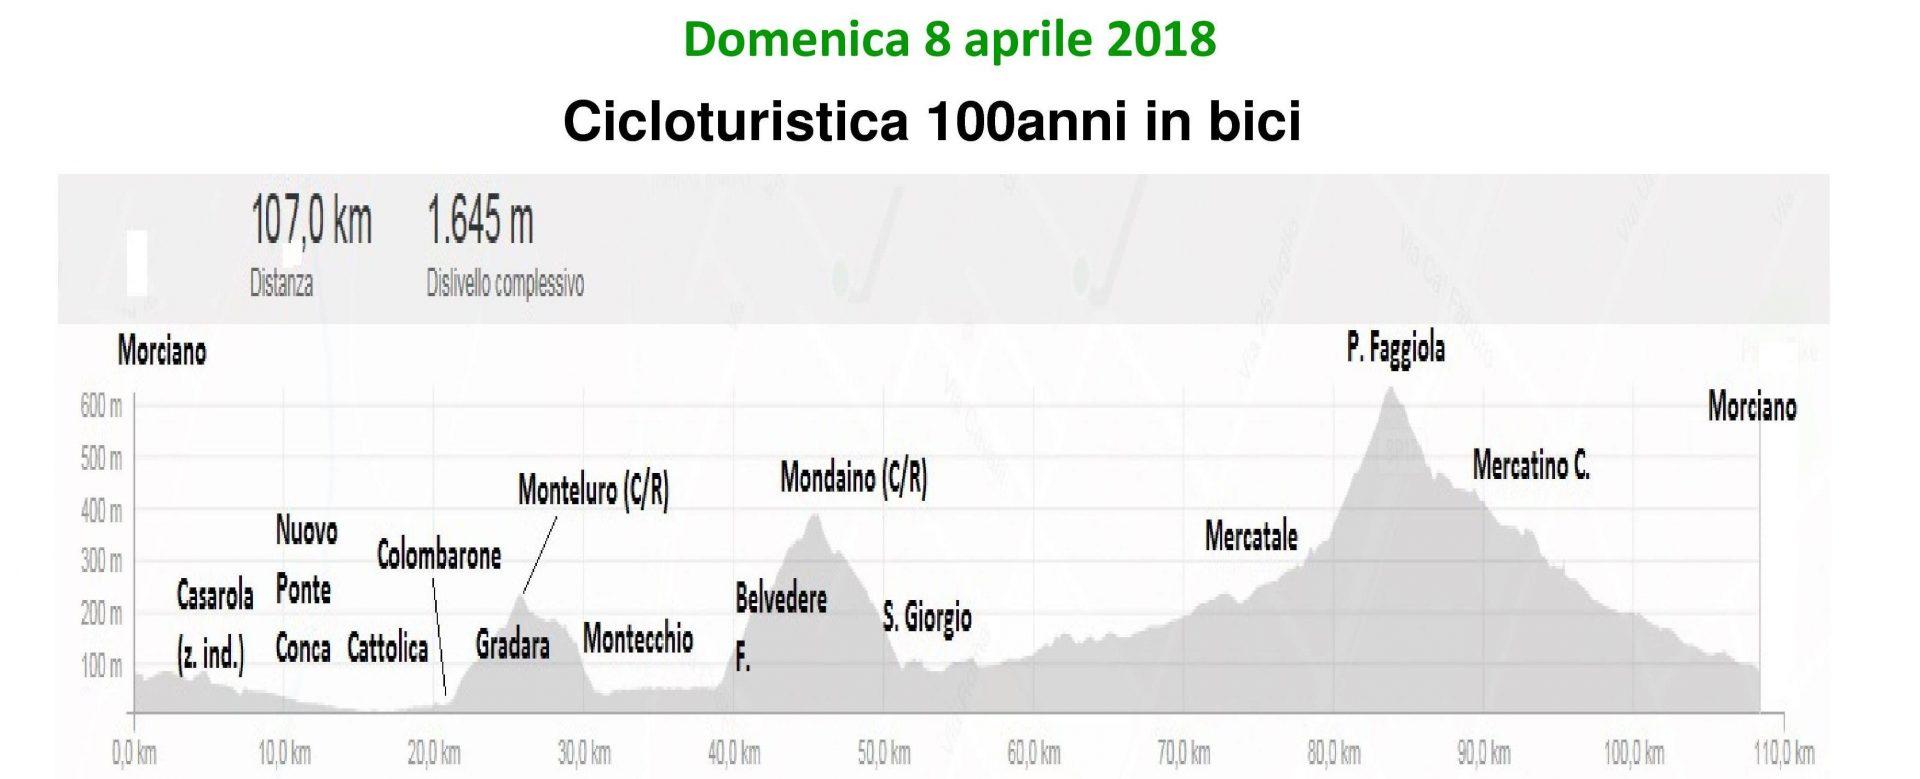 Domenica 08-apr-2018 cicloturistica 100anni